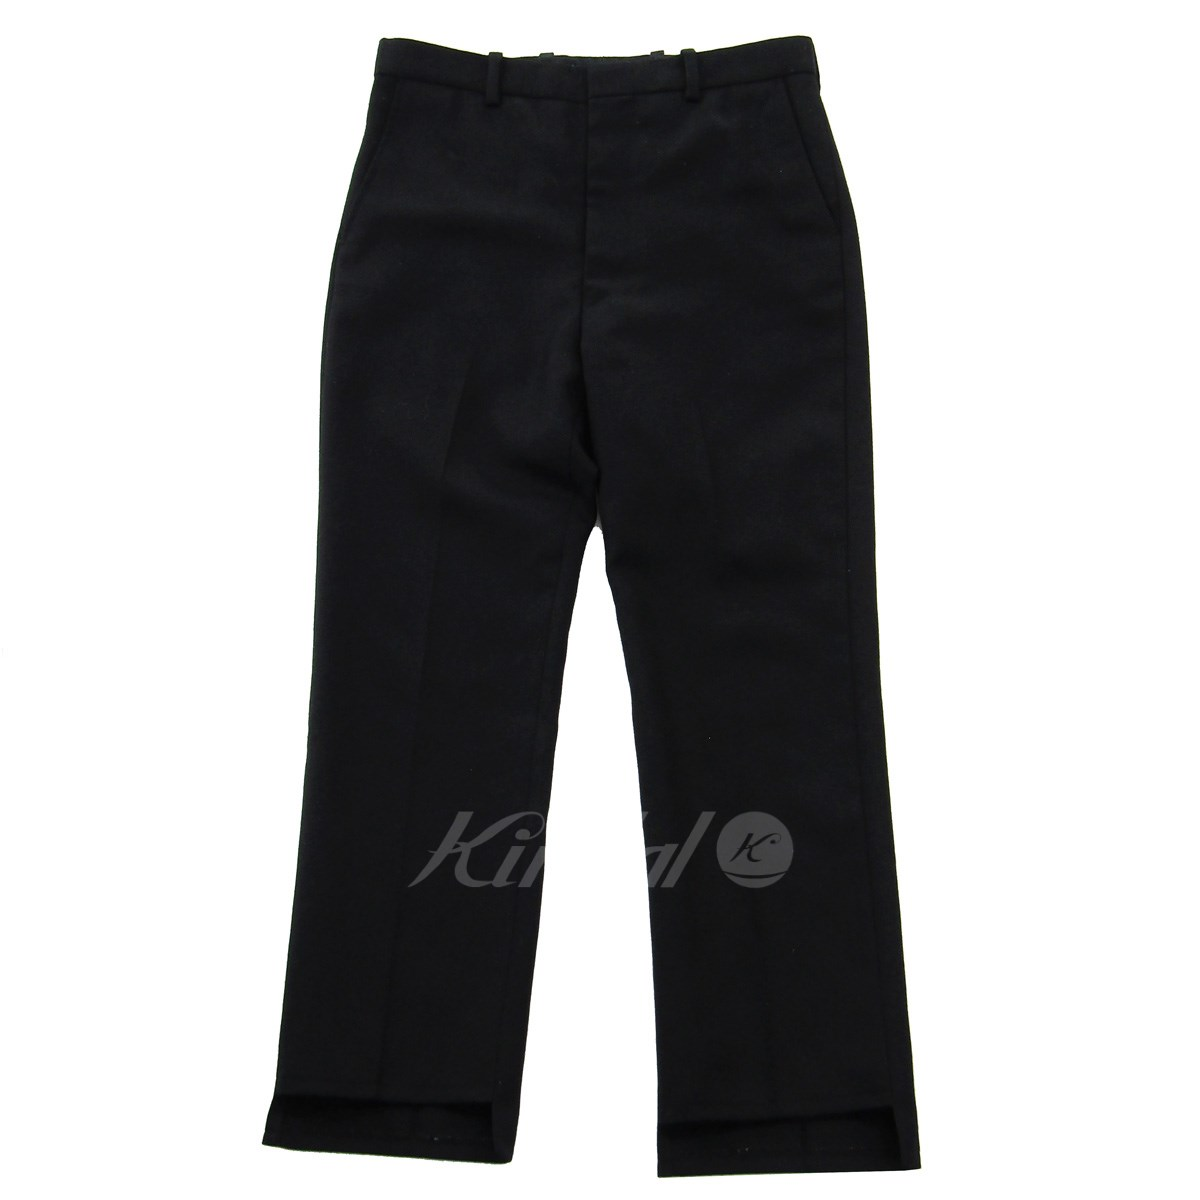 【中古】UNUSED 2018AW Cheviot twill pants ウール テーパードスラックスパンツ ブラック サイズ:3 【221019】(アンユーズド)